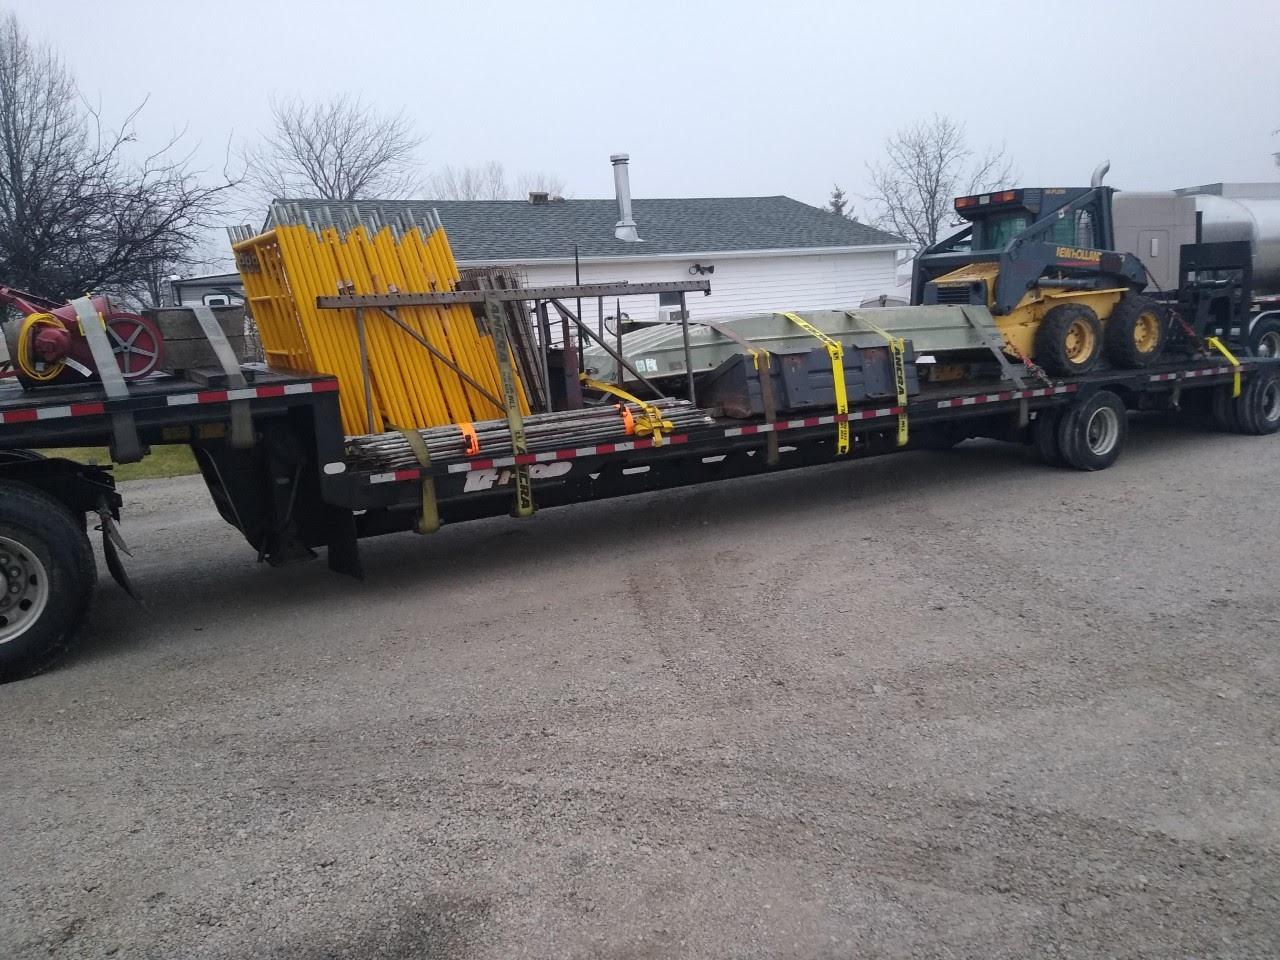 Delivering a skid loader in Massachusetts